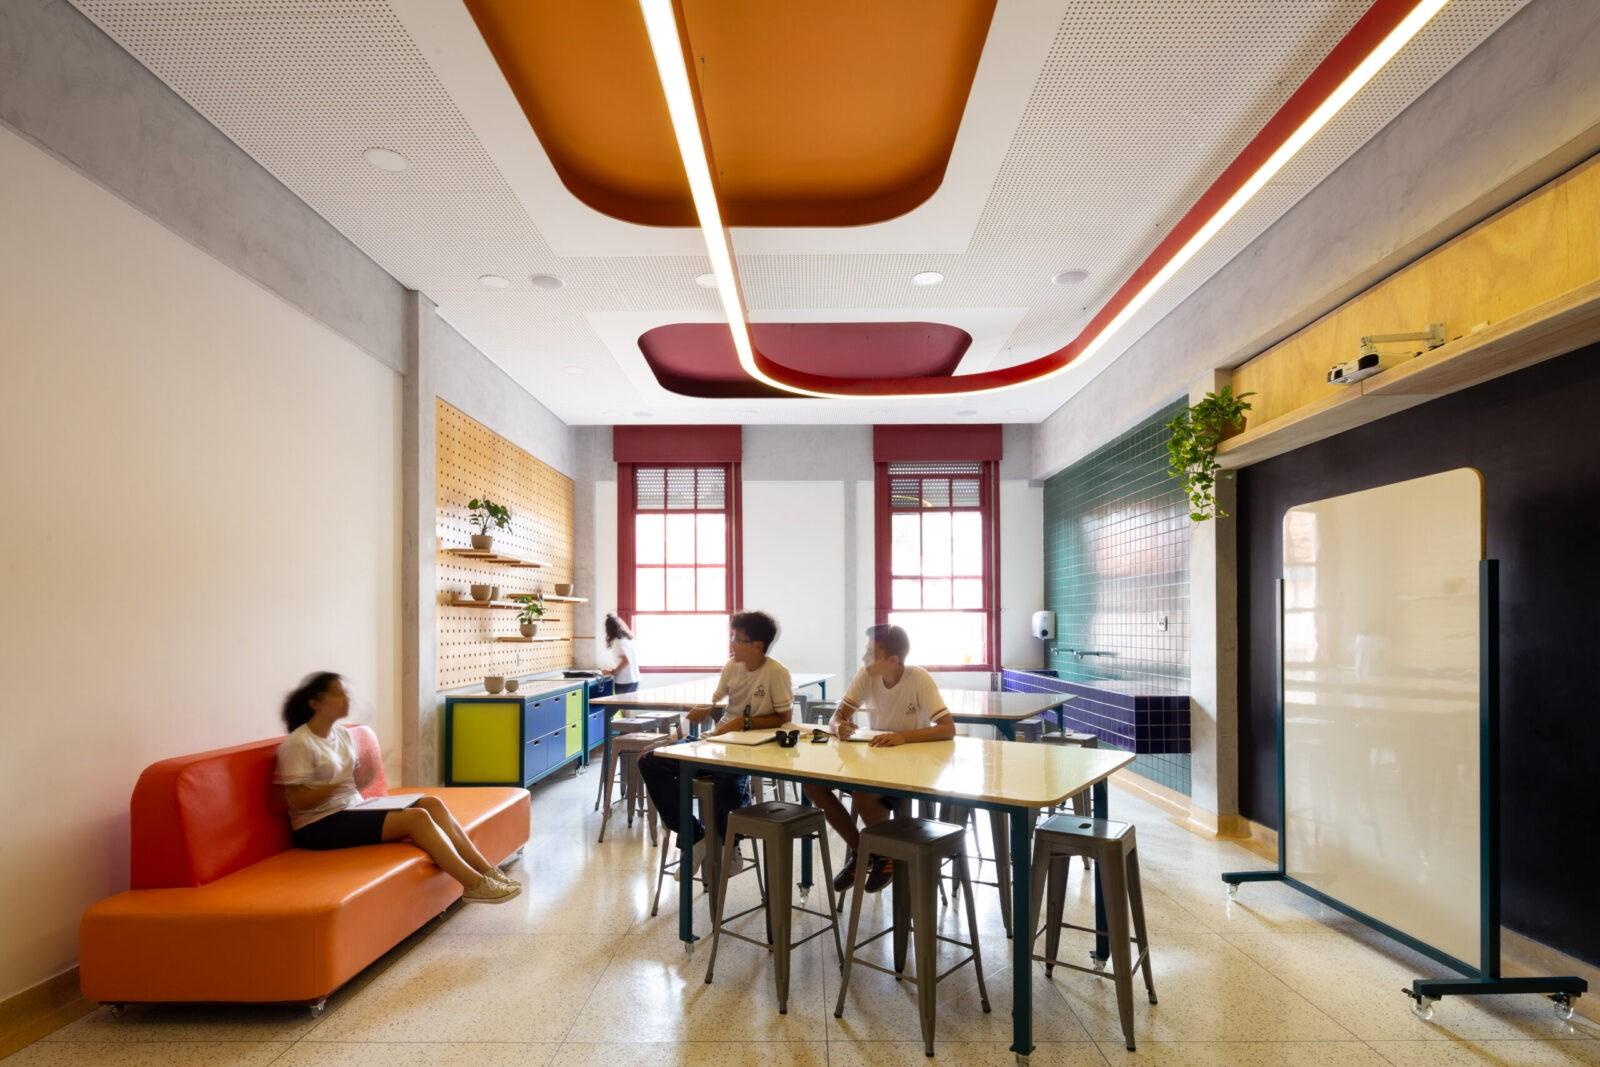 Projeto arquitetura escola belo horizonte reforma infantil